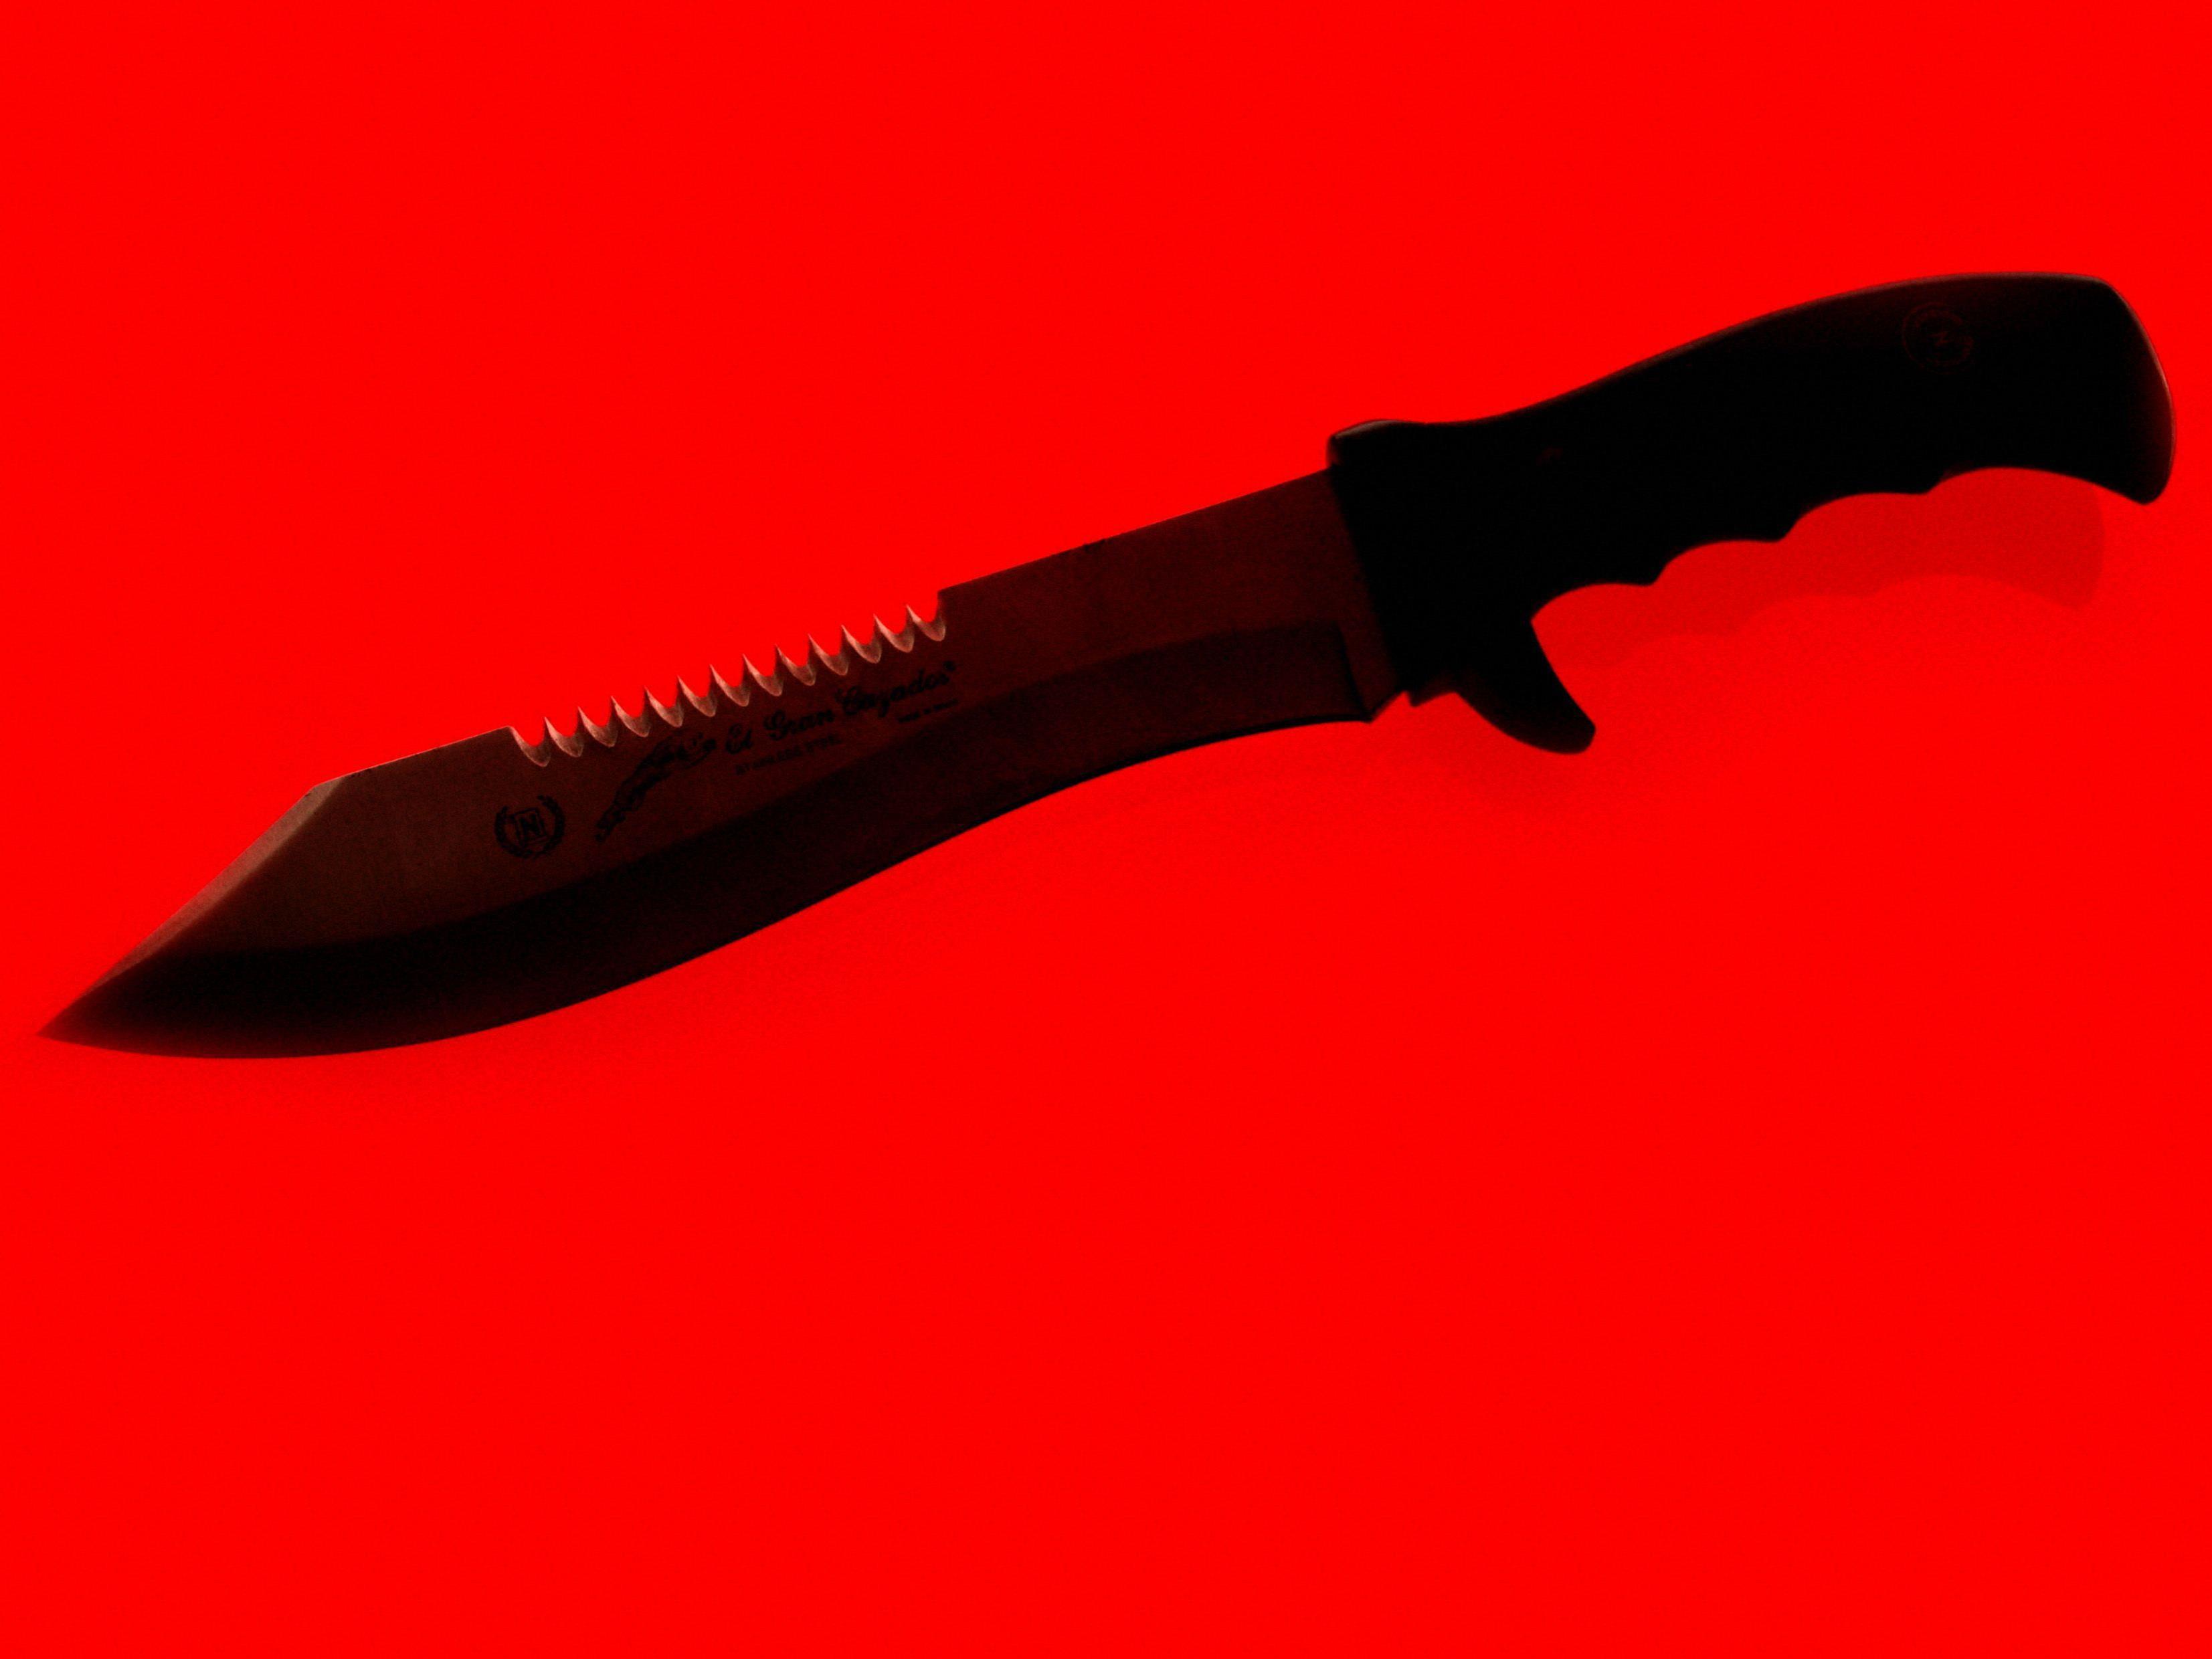 Ein Messer zog der Räuber im Drogeriemarkt